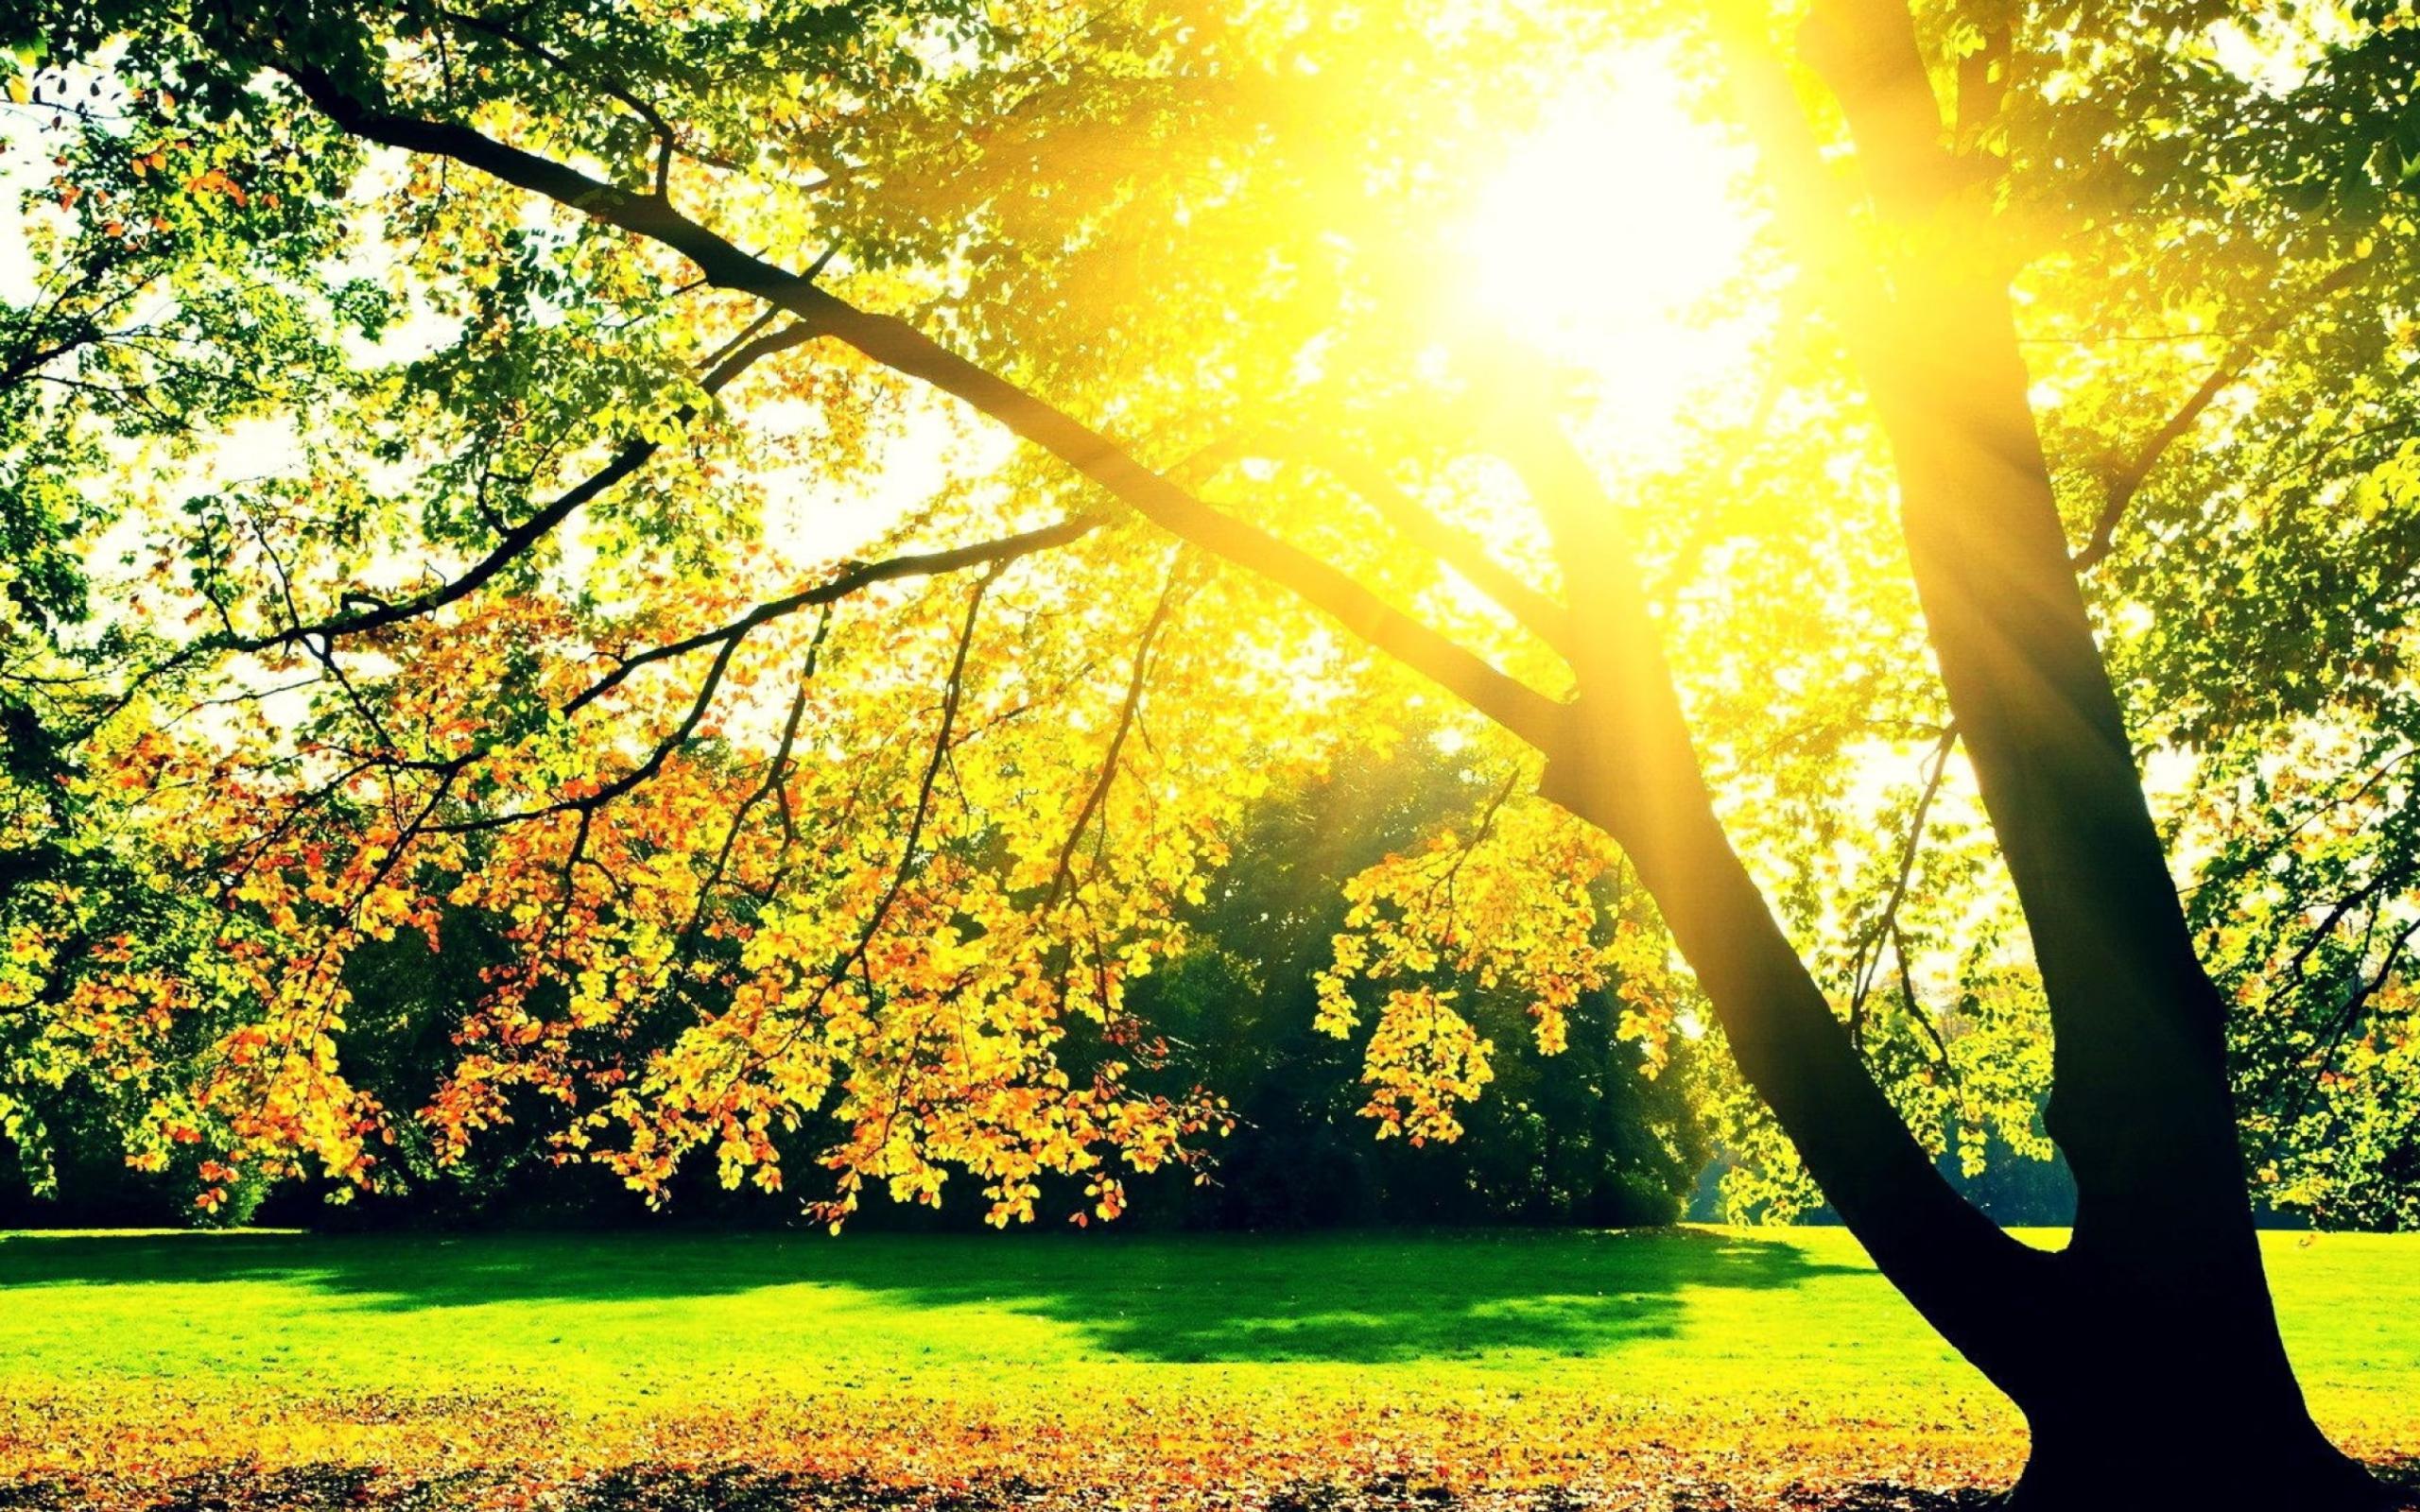 деревья листва осень солнце  № 3191815 бесплатно